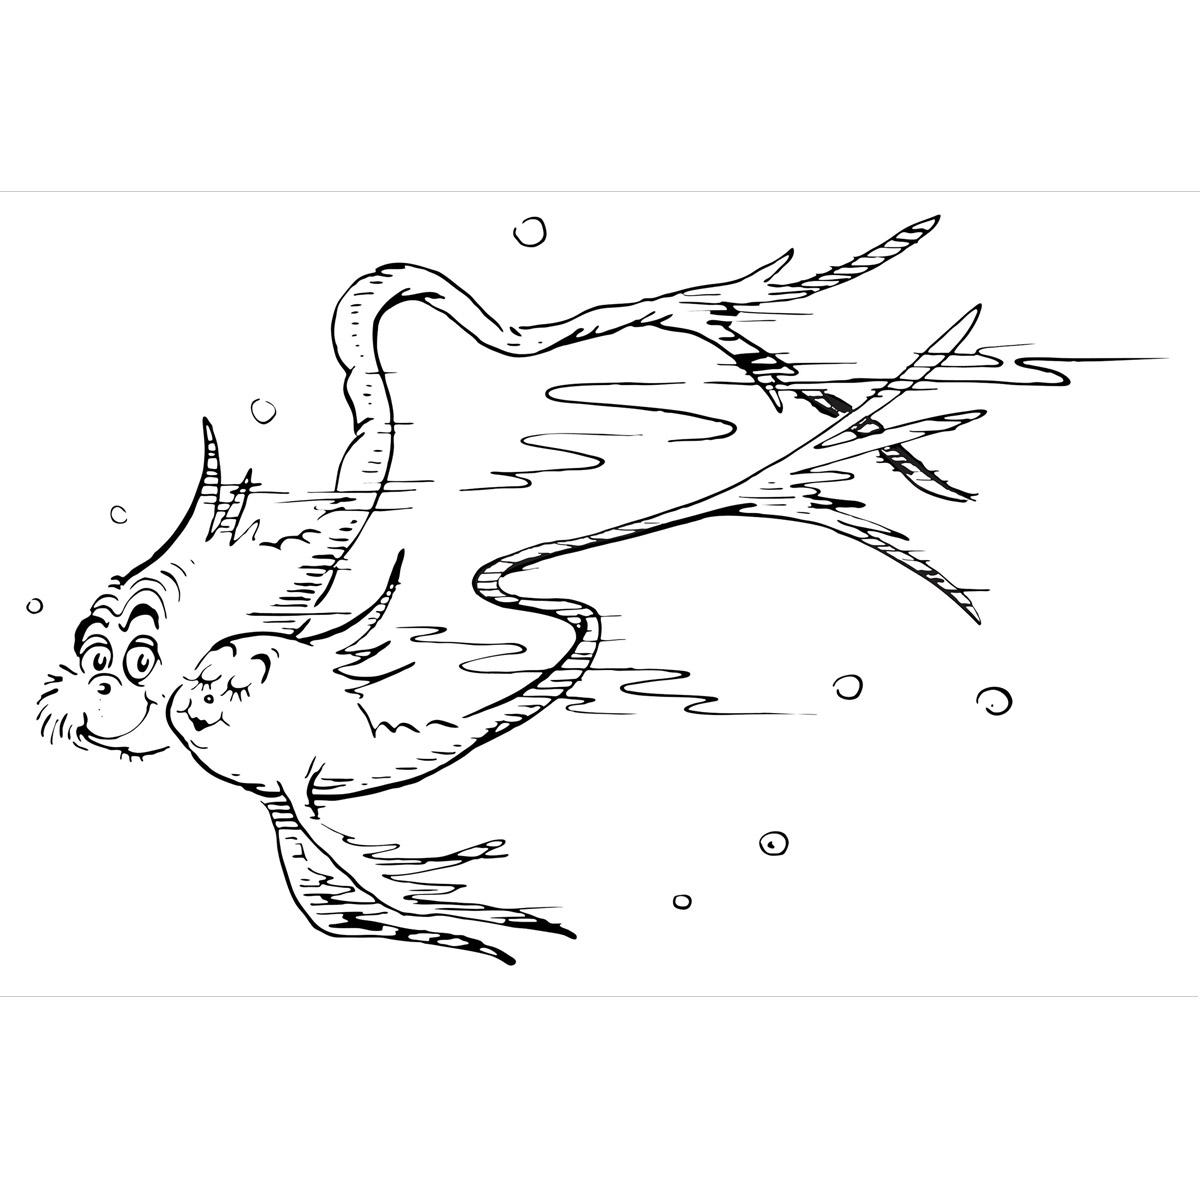 cuddlefish1.jpg